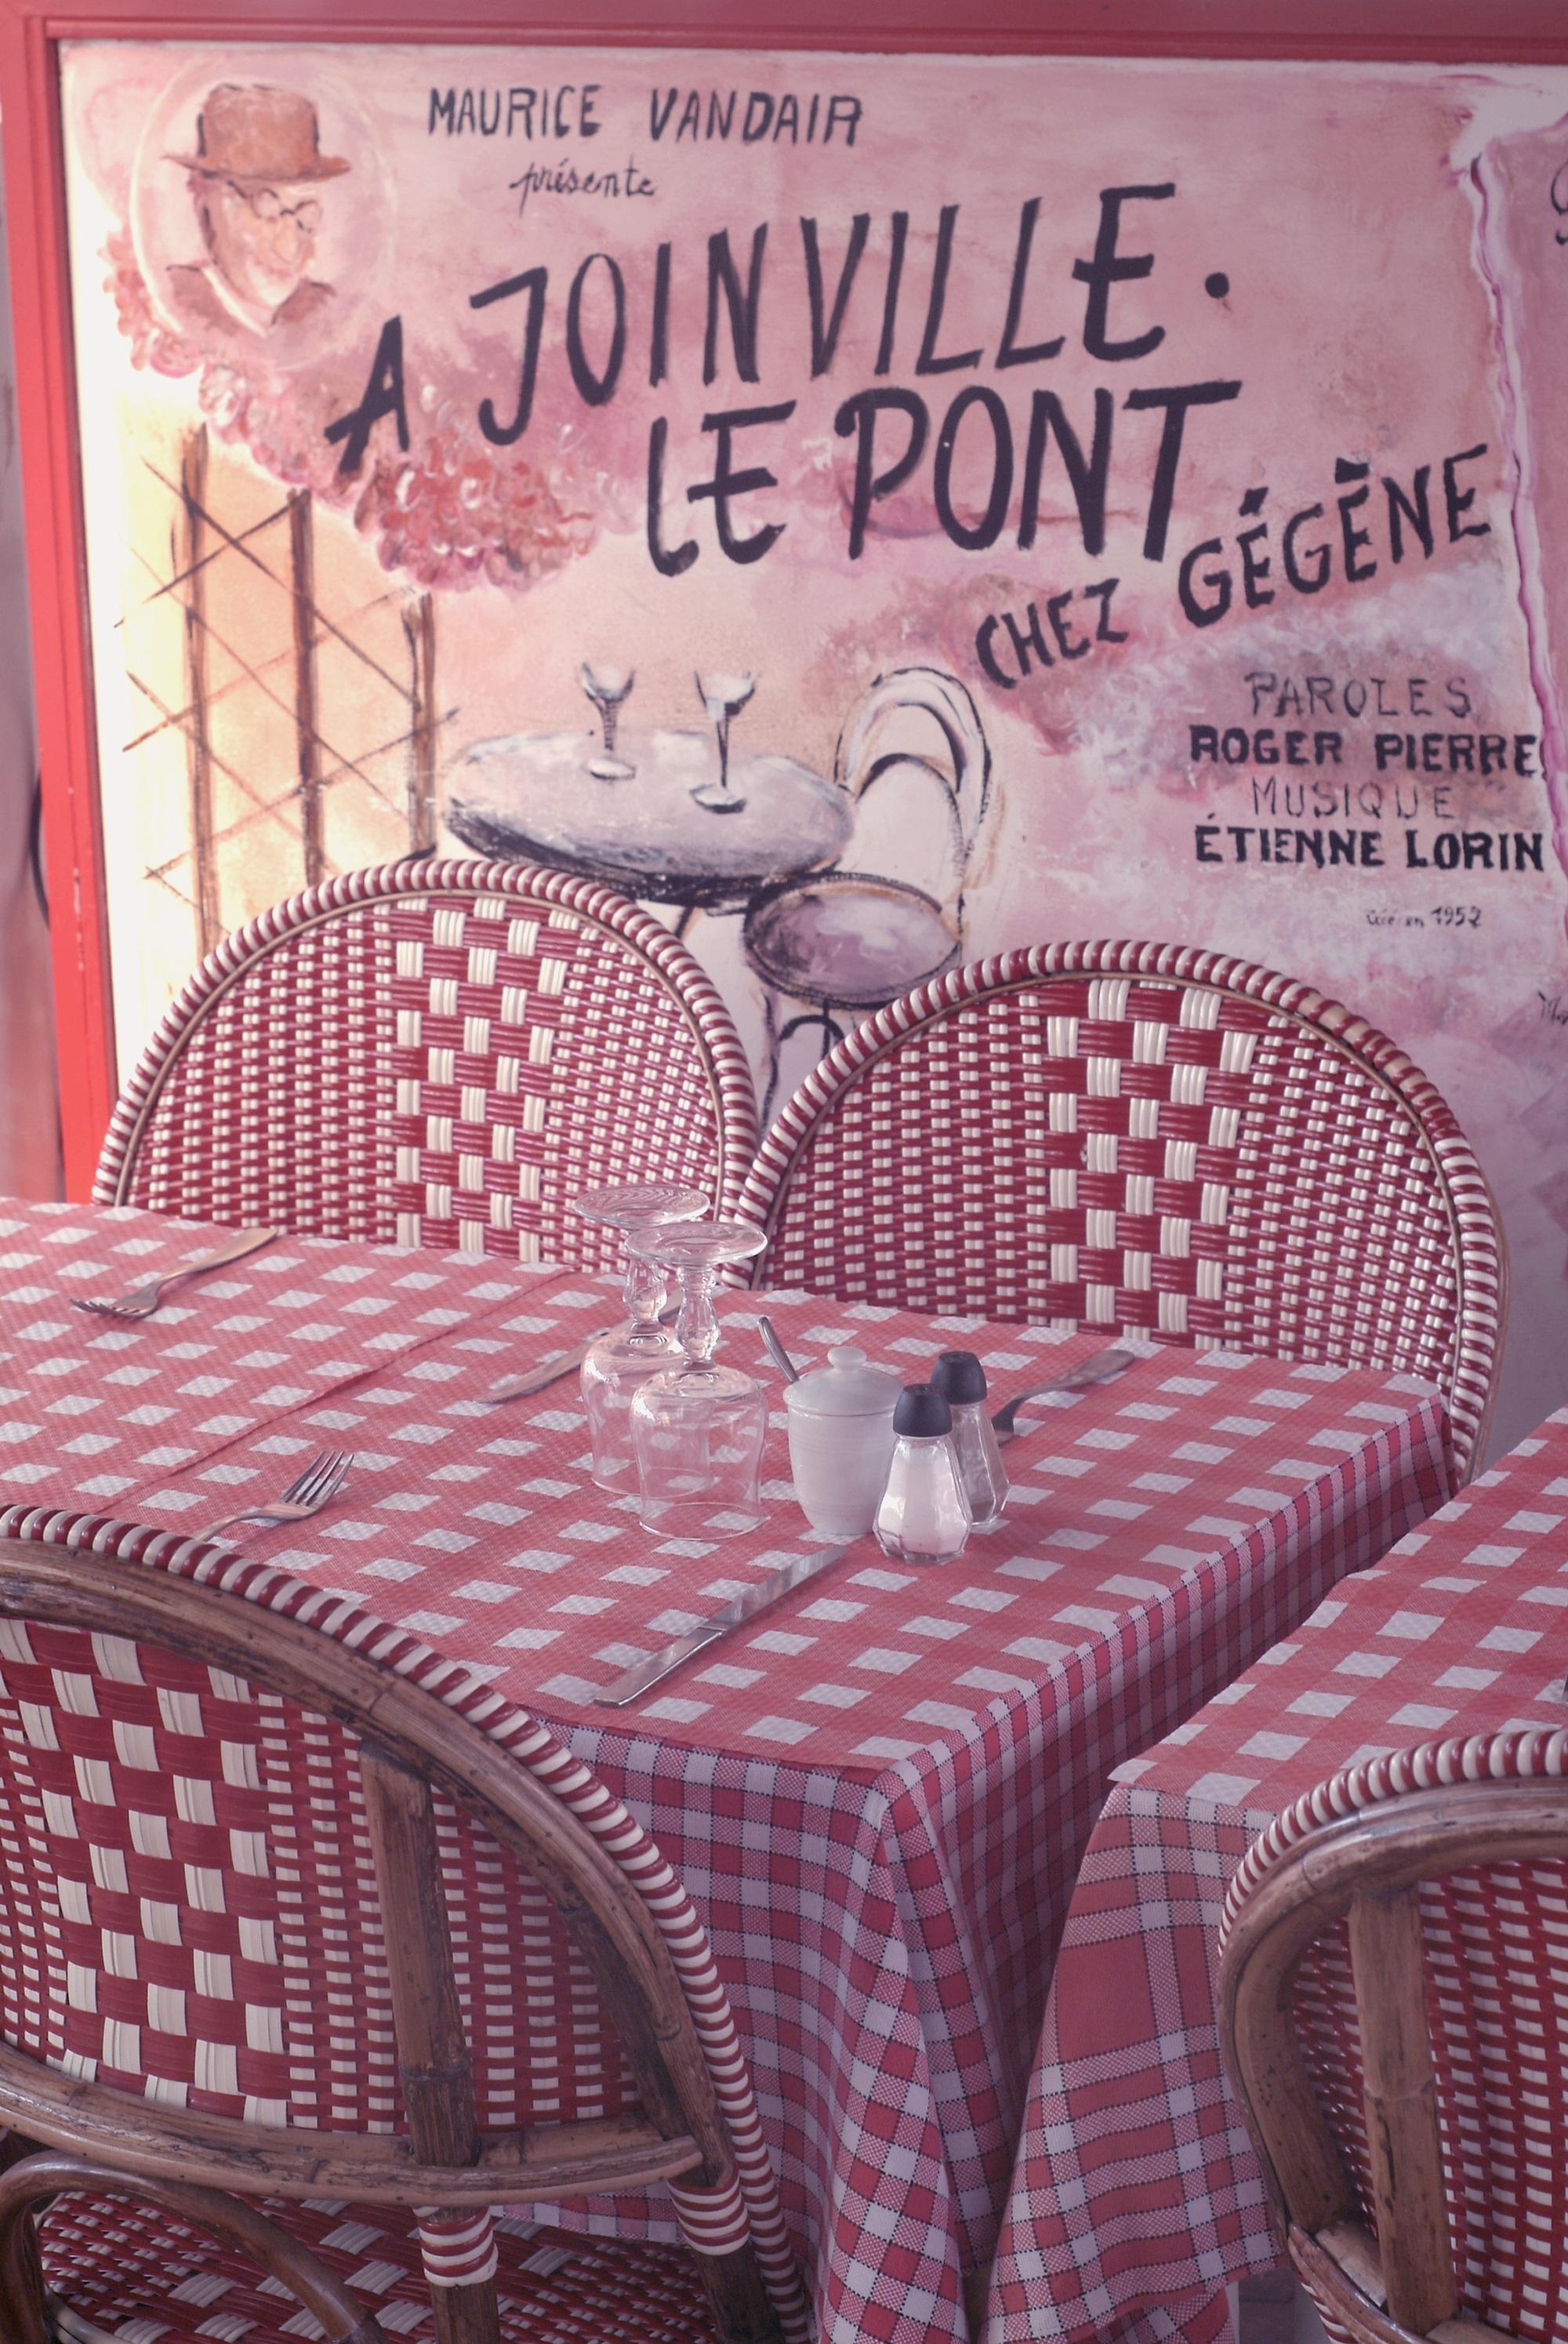 Chez-Gegene–41-